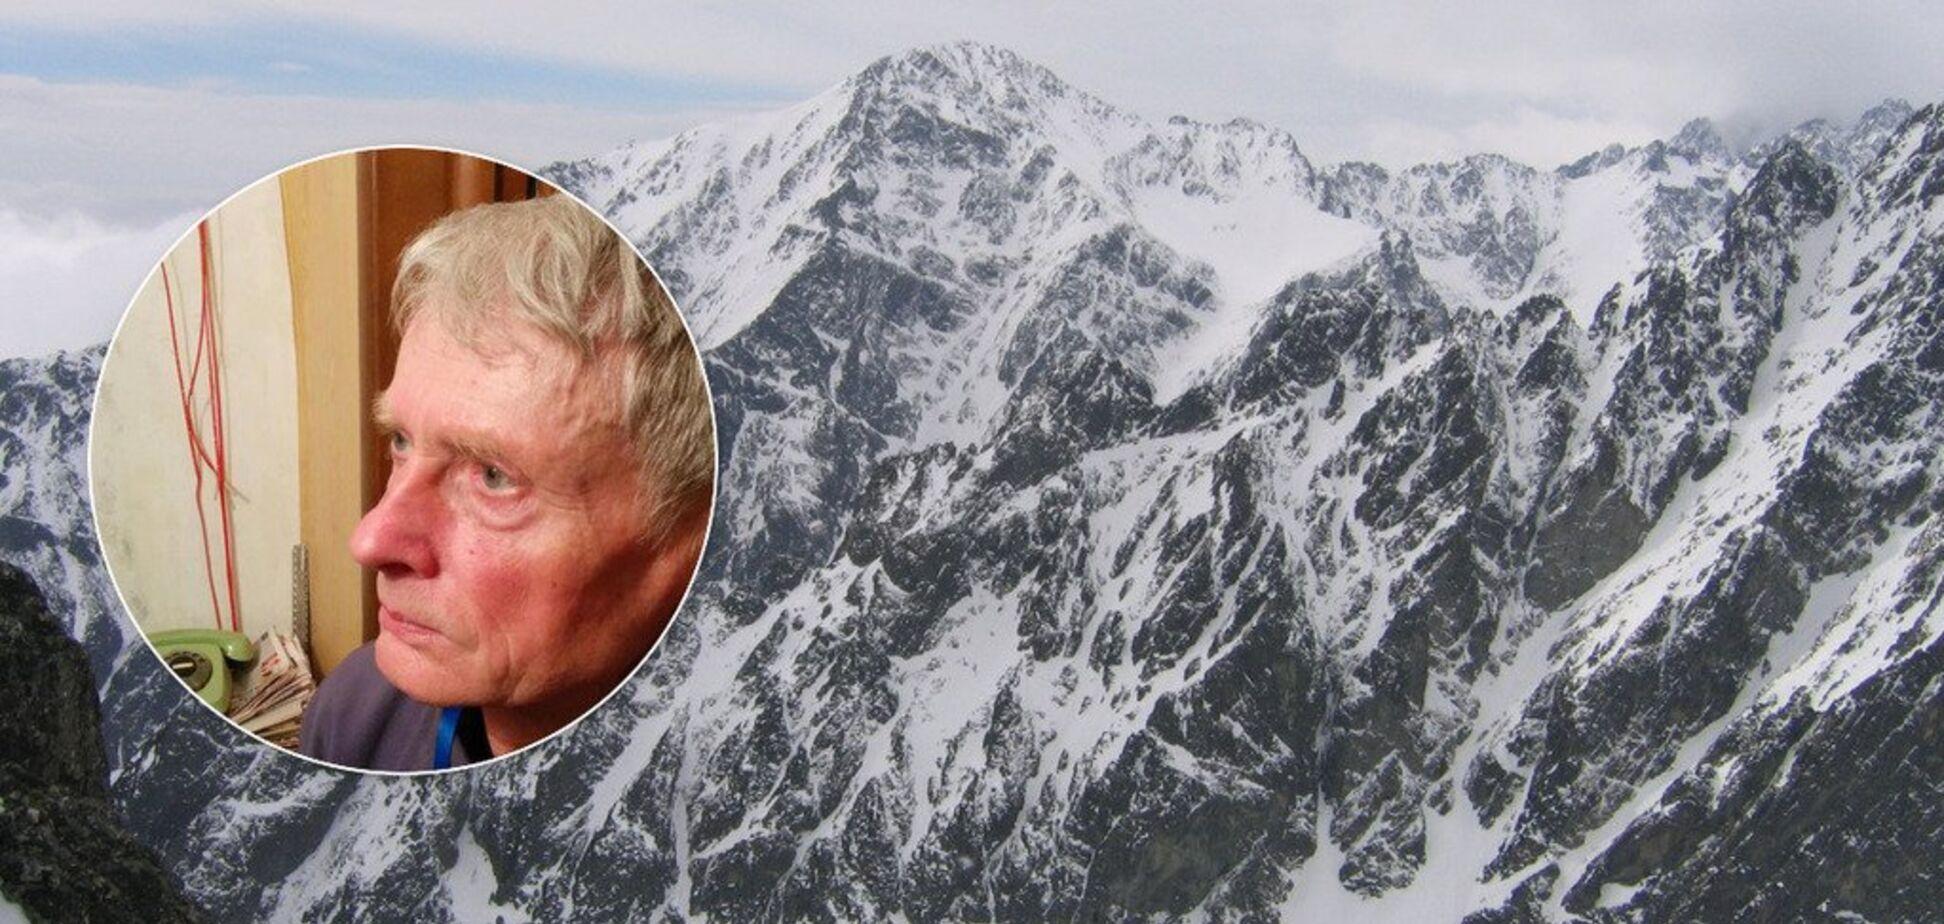 Він у Татри ходив багато разів. Друзі не можуть повірити в загибель українського альпініста